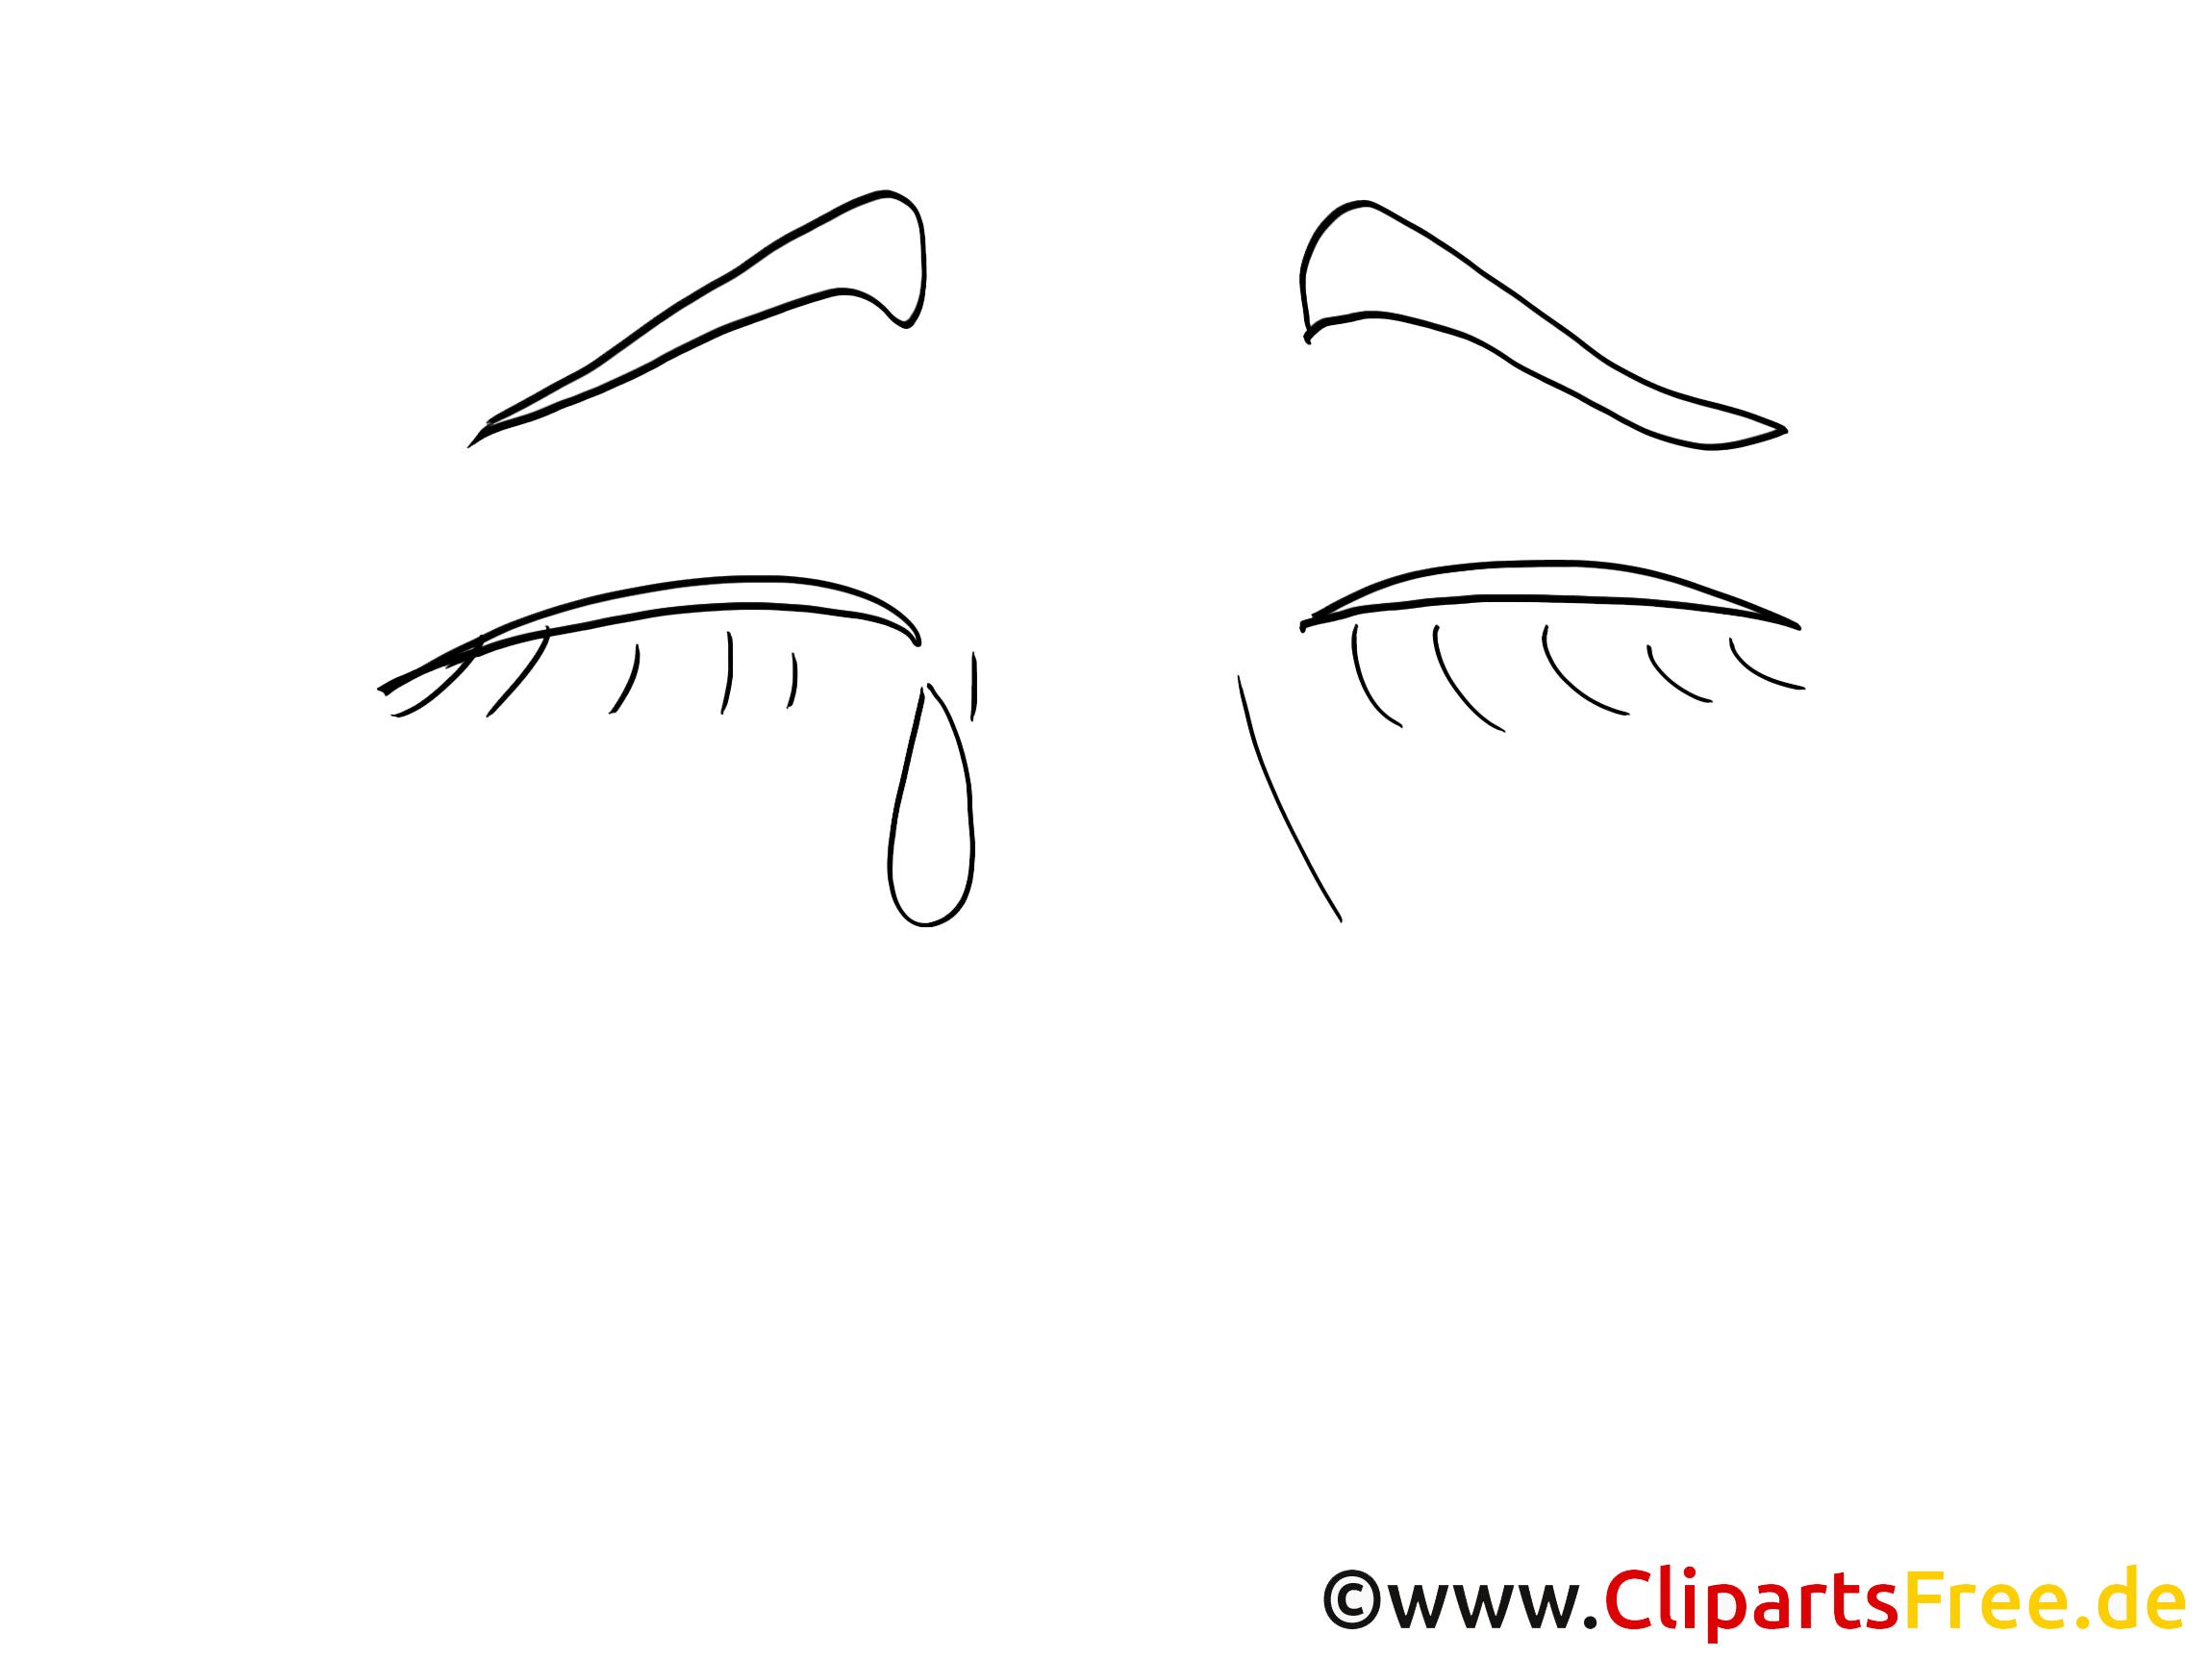 Pleure images – Dessin clip art gratuit